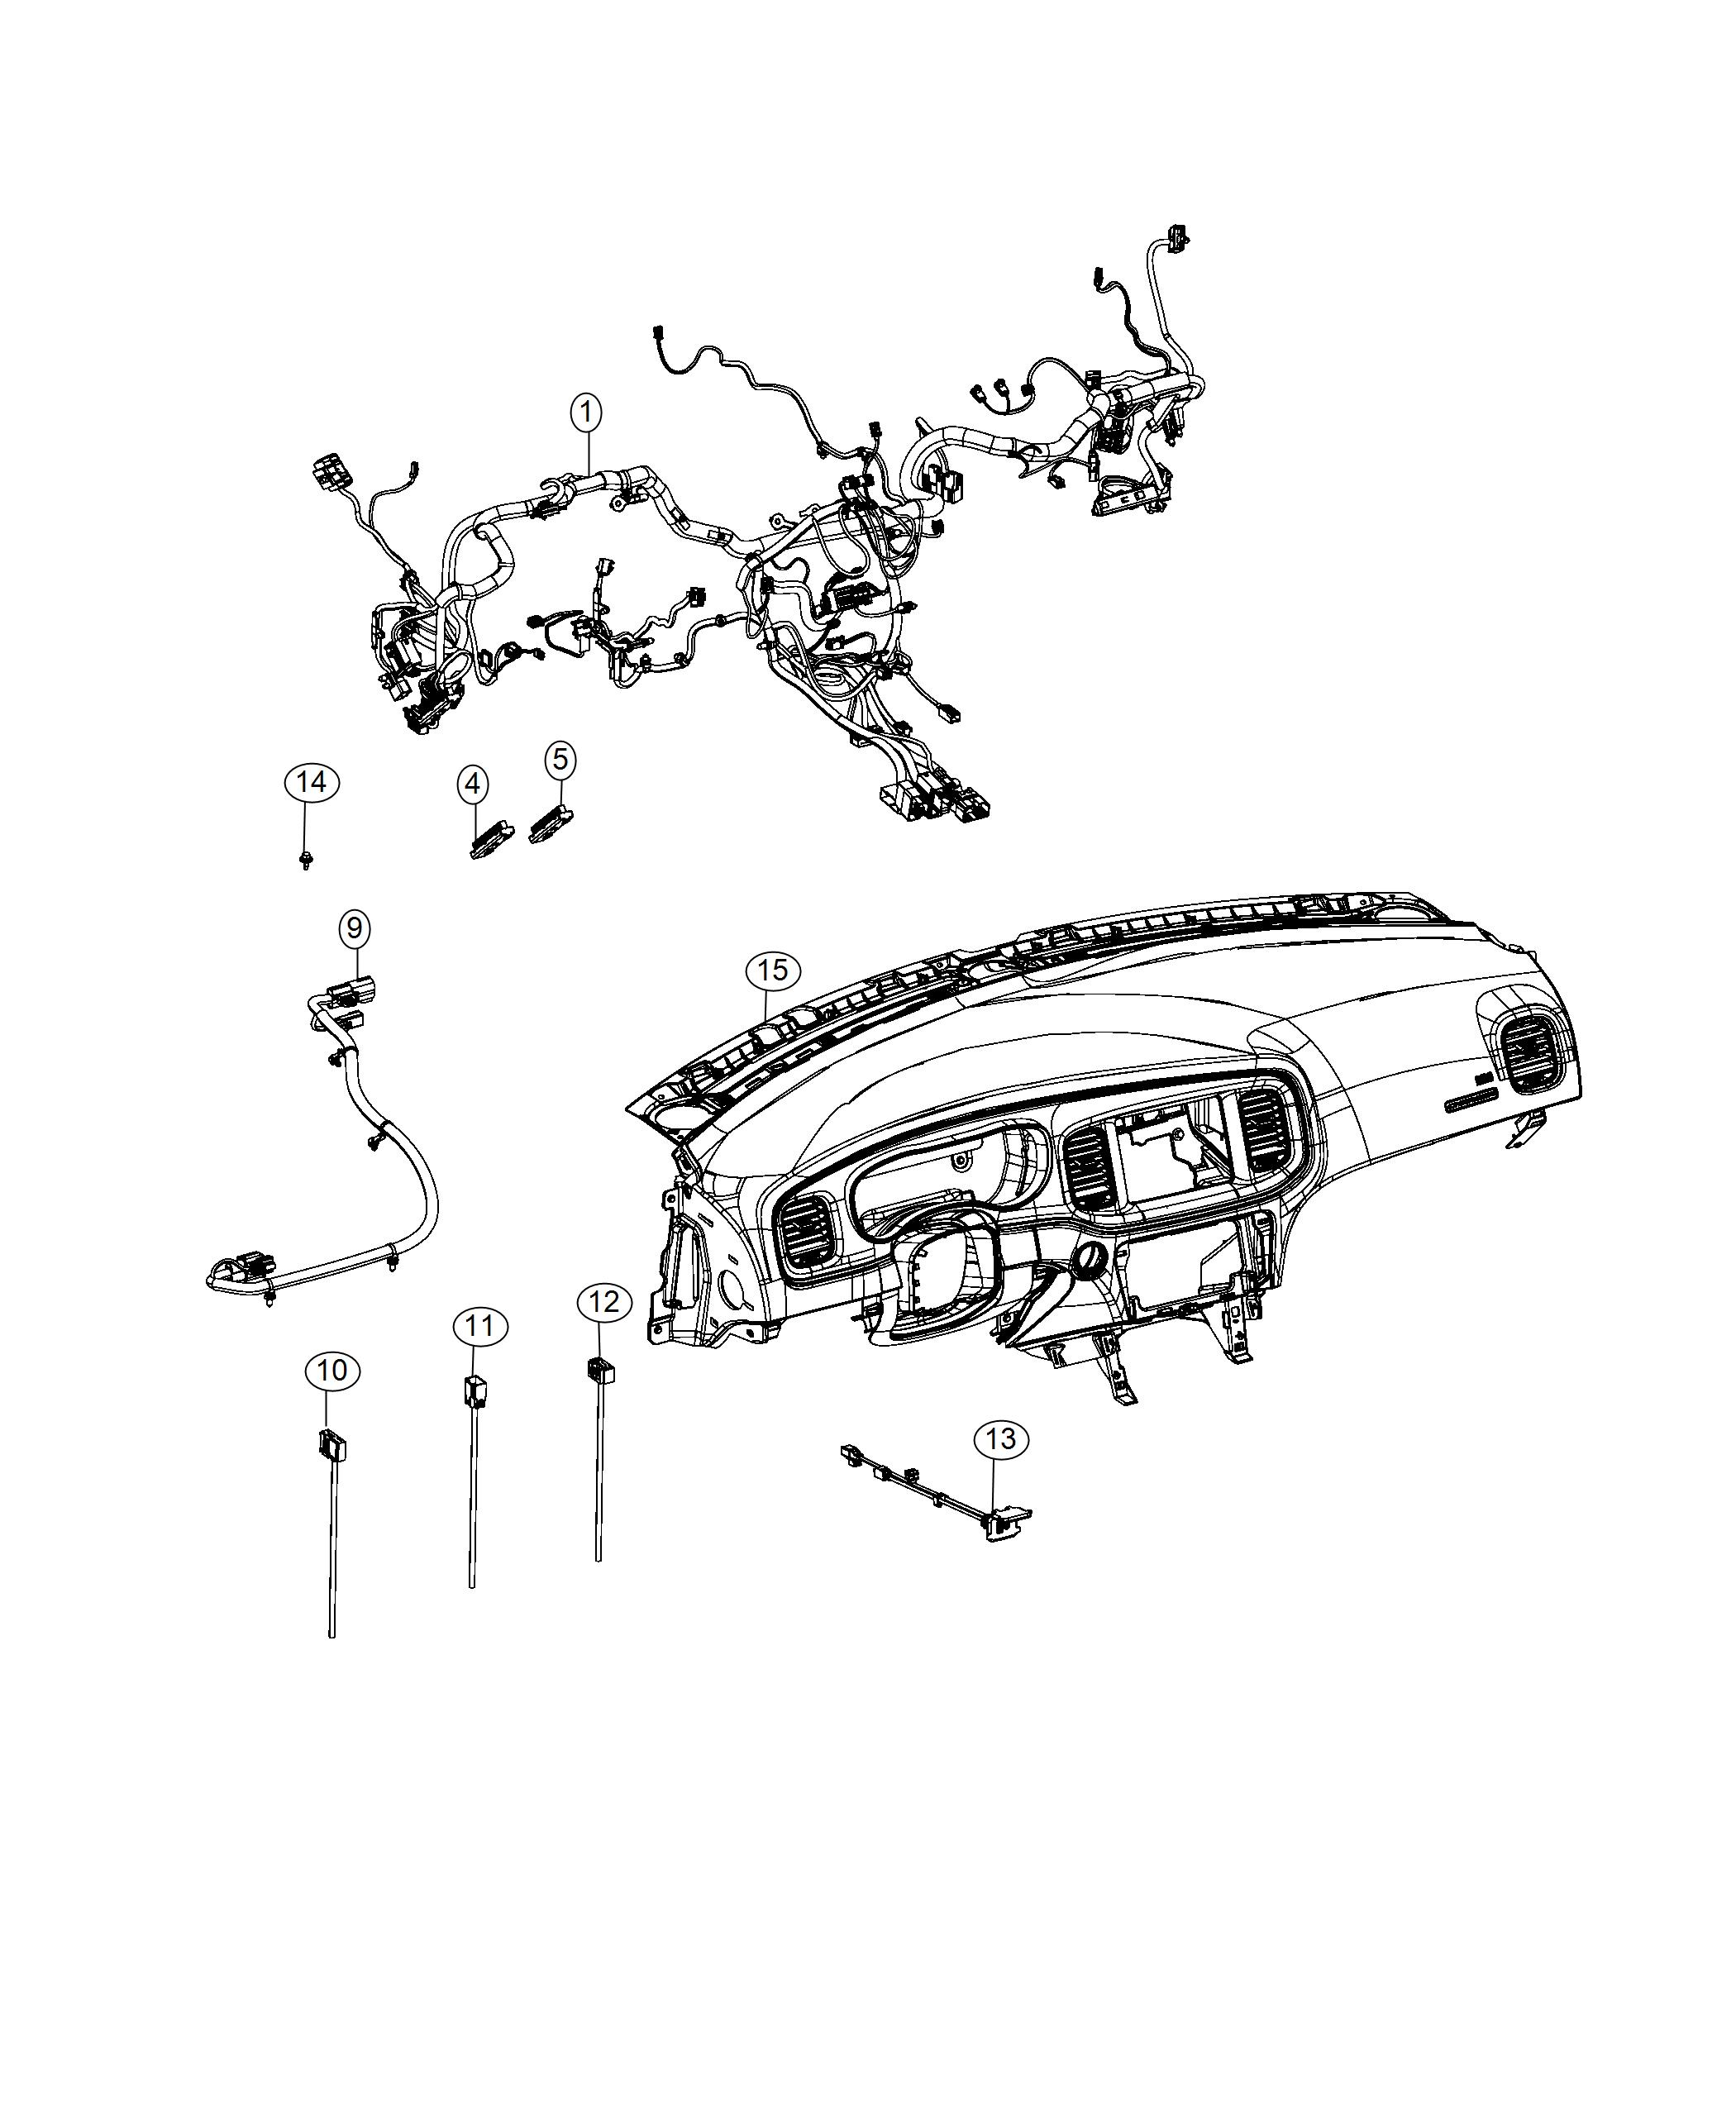 Dodge Charger Wiring. Jumper. [eps] harness, [eps] jumper